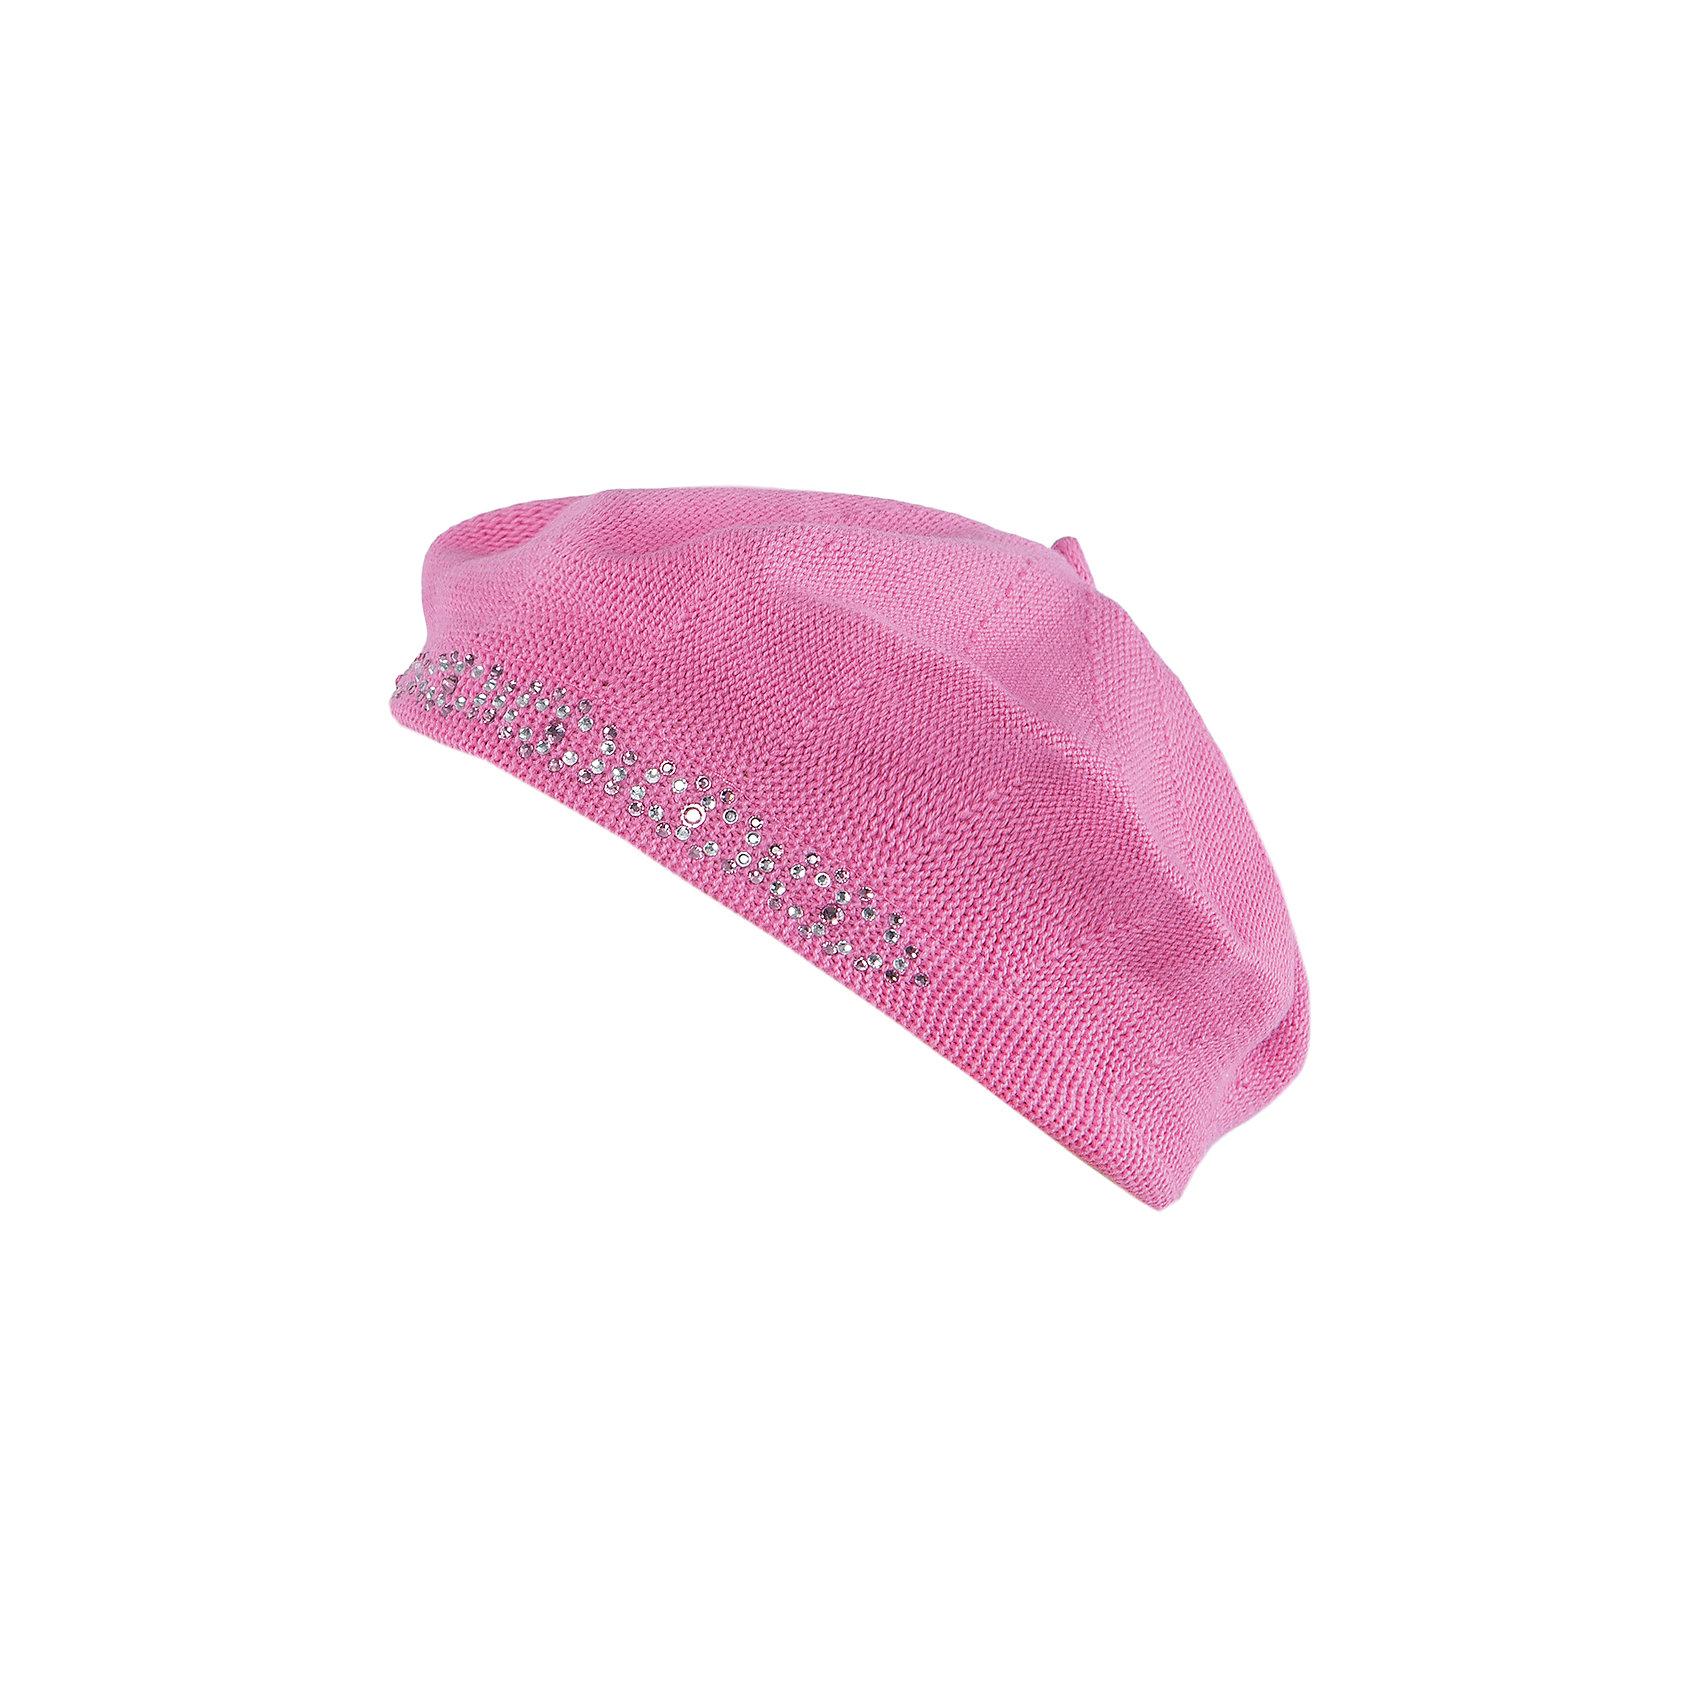 Шапка для девочки АртельГоловные уборы<br>Шапка для девочки от торговой марки Артель <br><br>Объемная шапка отлично смотрится на детях и комфортно сидит. Эта модель создана специально для девочек. Изделие выполнено из качественных материалов.<br>Одежда от бренда Артель – это высокое качество по приемлемой цене и всегда продуманный дизайн. <br><br>Особенности модели: <br>- цвет — розовый; <br>- украшена стразами; <br>- материал - натуральный хлопок. <br><br>Дополнительная информация: <br><br>Состав: 100% хлопок<br><br>Температурный режим: <br>От -5 °C до +15 °C <br><br>Шапку для девочки Артель (Artel) можно купить в нашем магазине.<br><br>Ширина мм: 89<br>Глубина мм: 117<br>Высота мм: 44<br>Вес г: 155<br>Цвет: розовый<br>Возраст от месяцев: 18<br>Возраст до месяцев: 24<br>Пол: Женский<br>Возраст: Детский<br>Размер: 48,54,52,50<br>SKU: 4500693